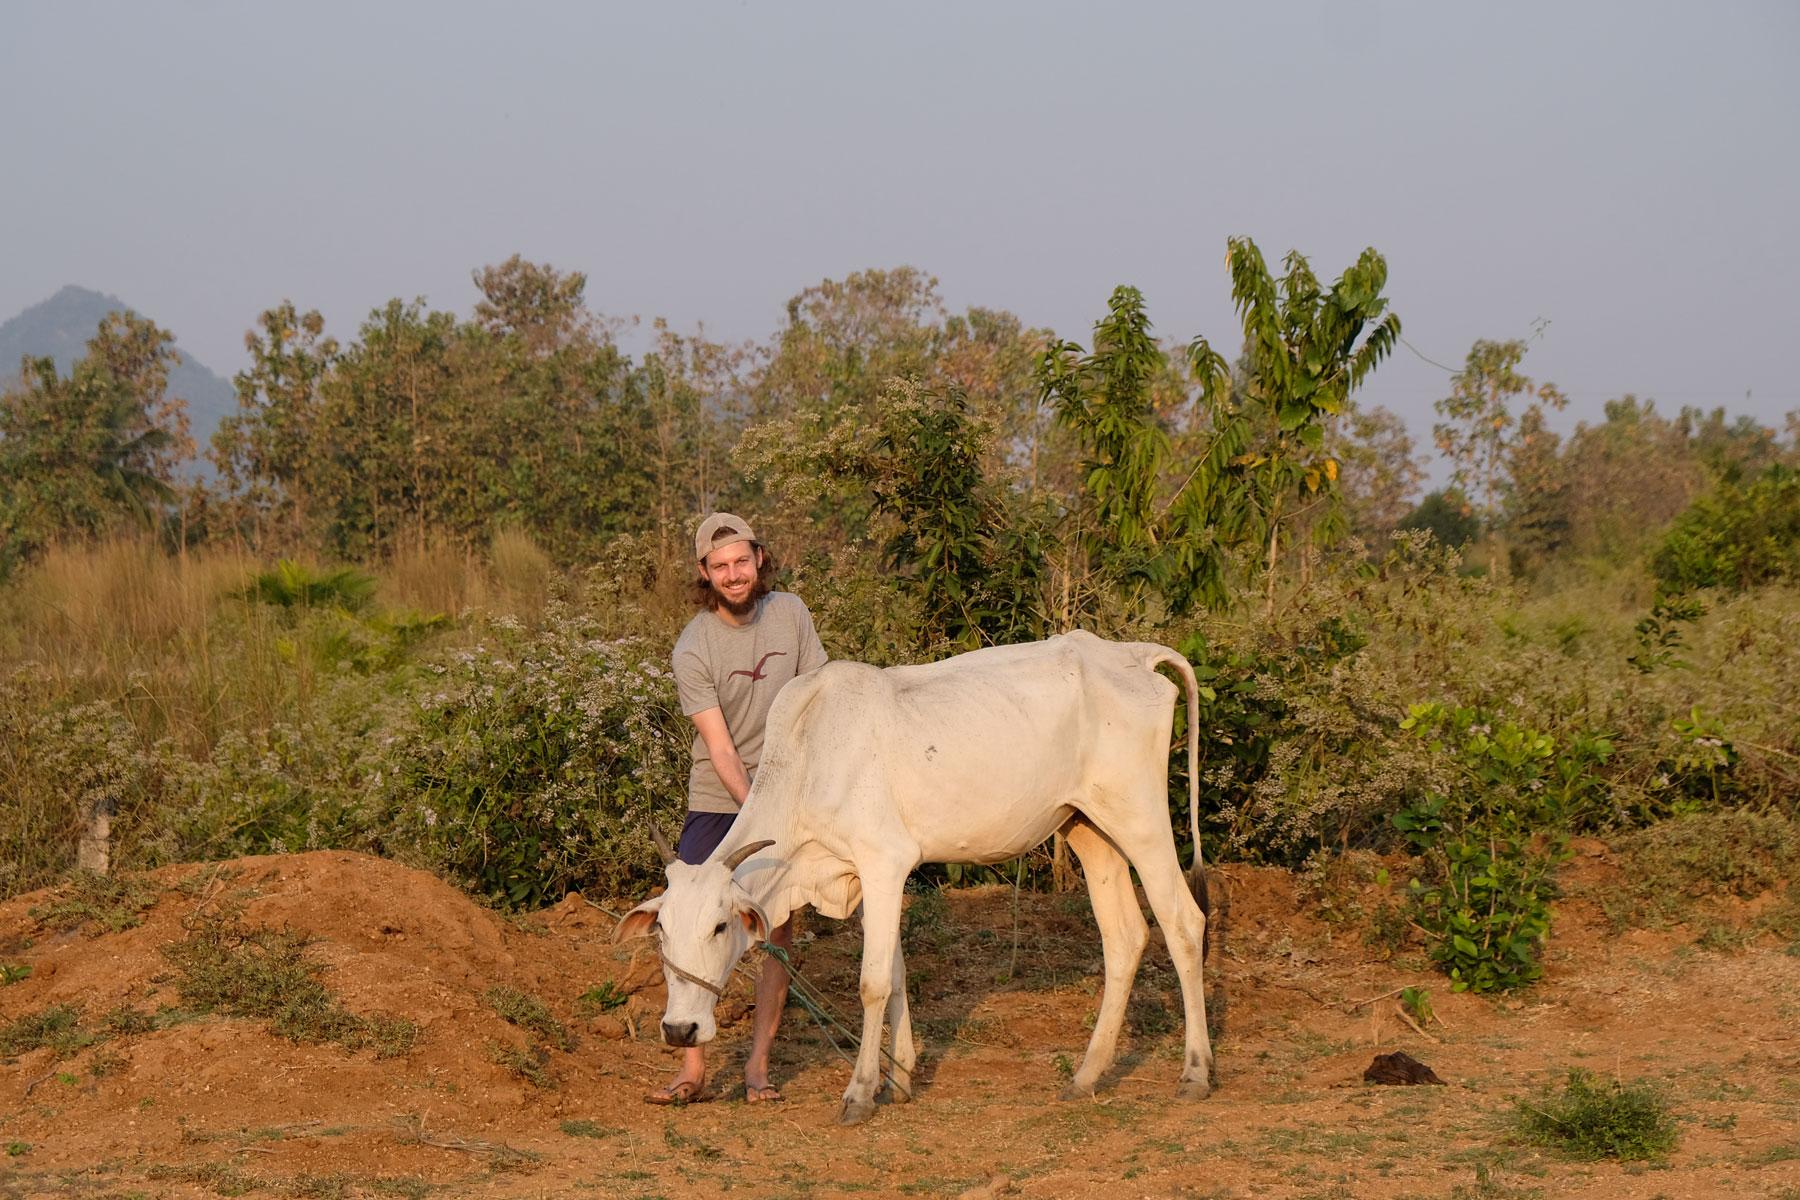 Sebastian hütet als Freiwilliger eine Kuh beim Workaway.